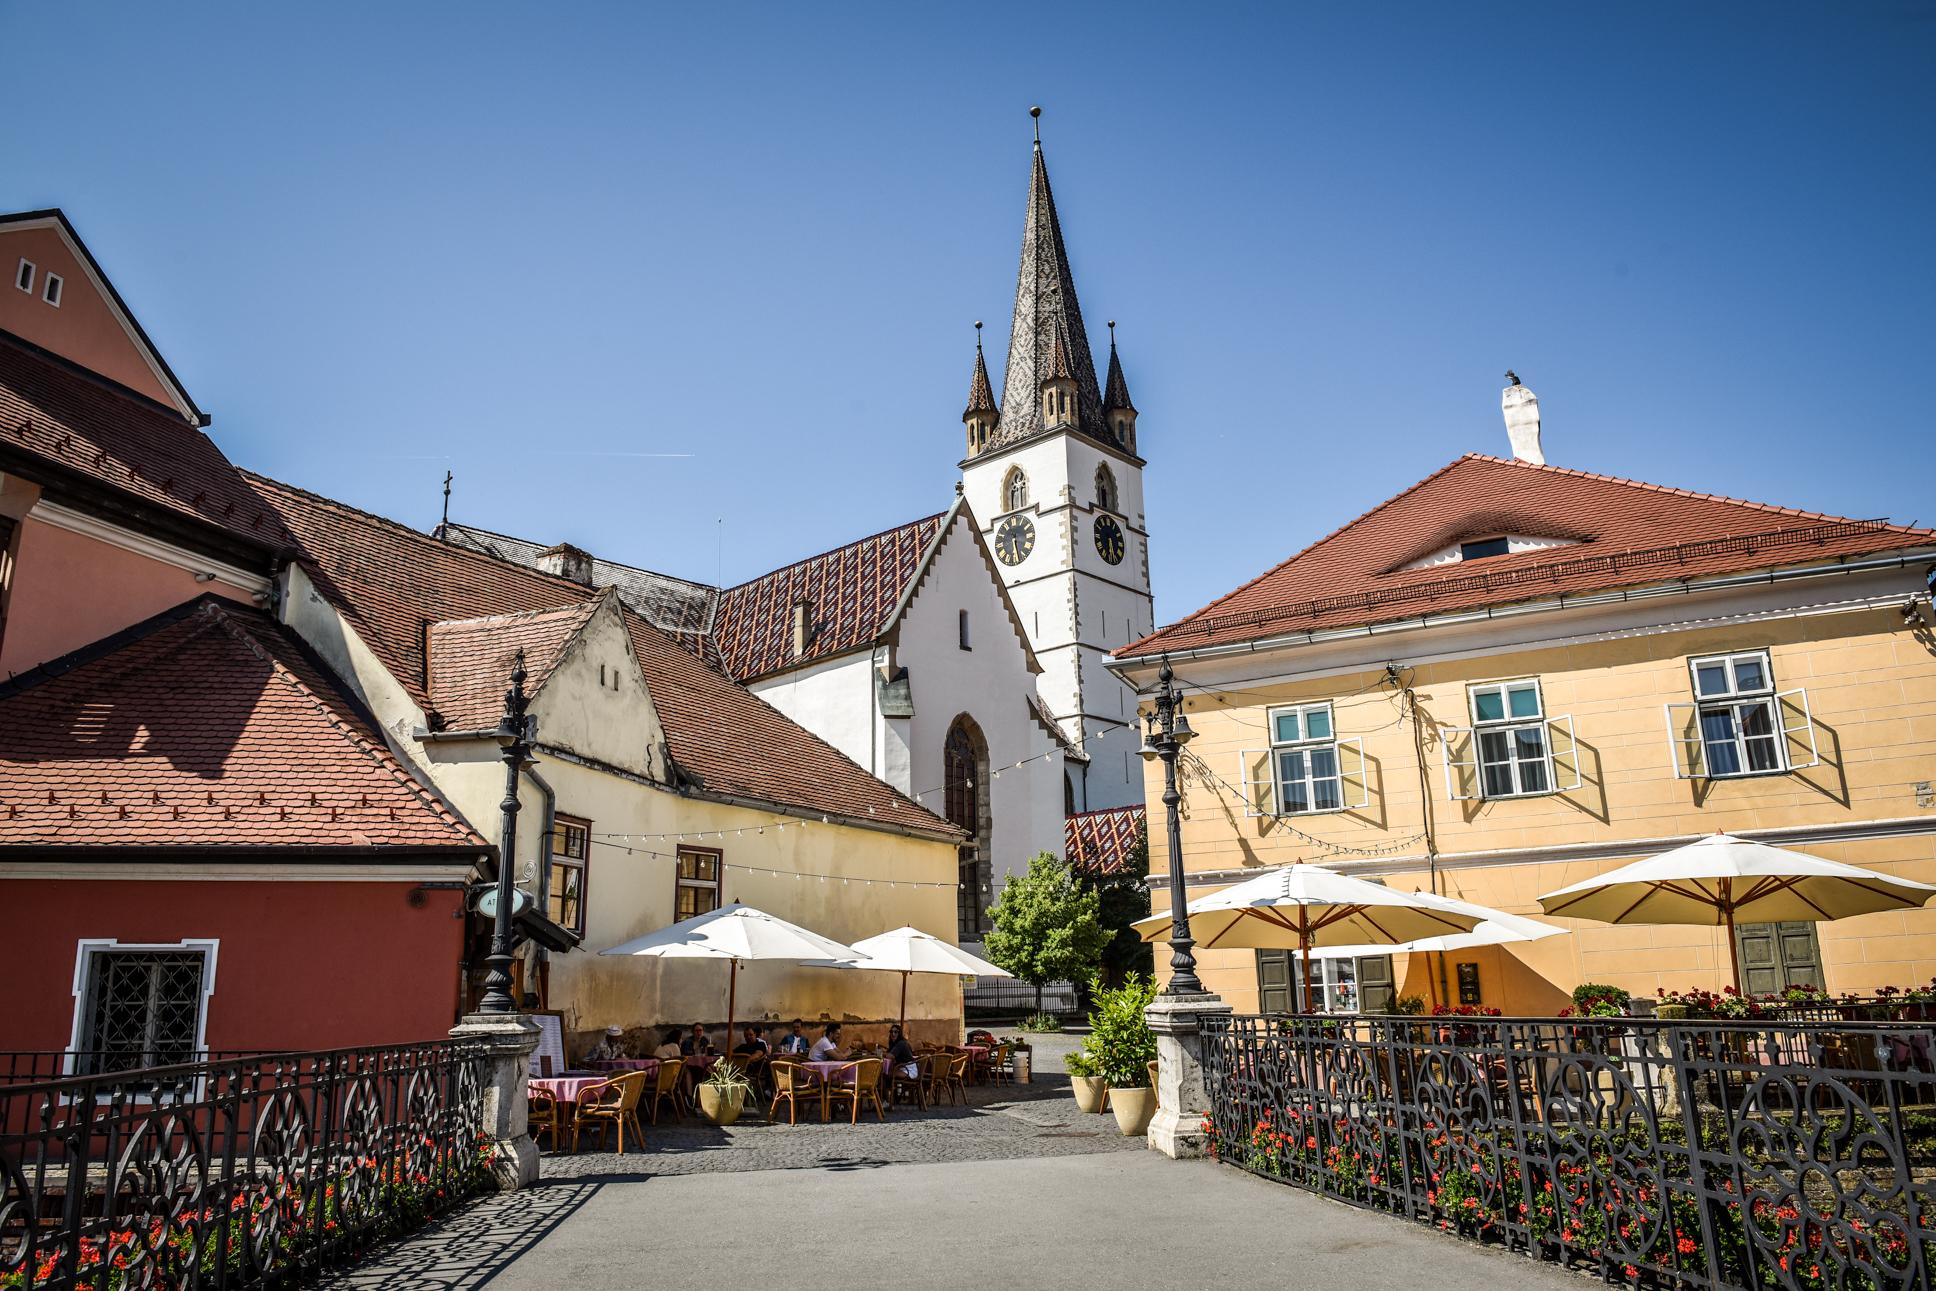 9,81 la mie - creștere șocantă a incidenței în orașul Sibiu, în doar o zi. 10 localități din județ au peste 5 rată de infectare